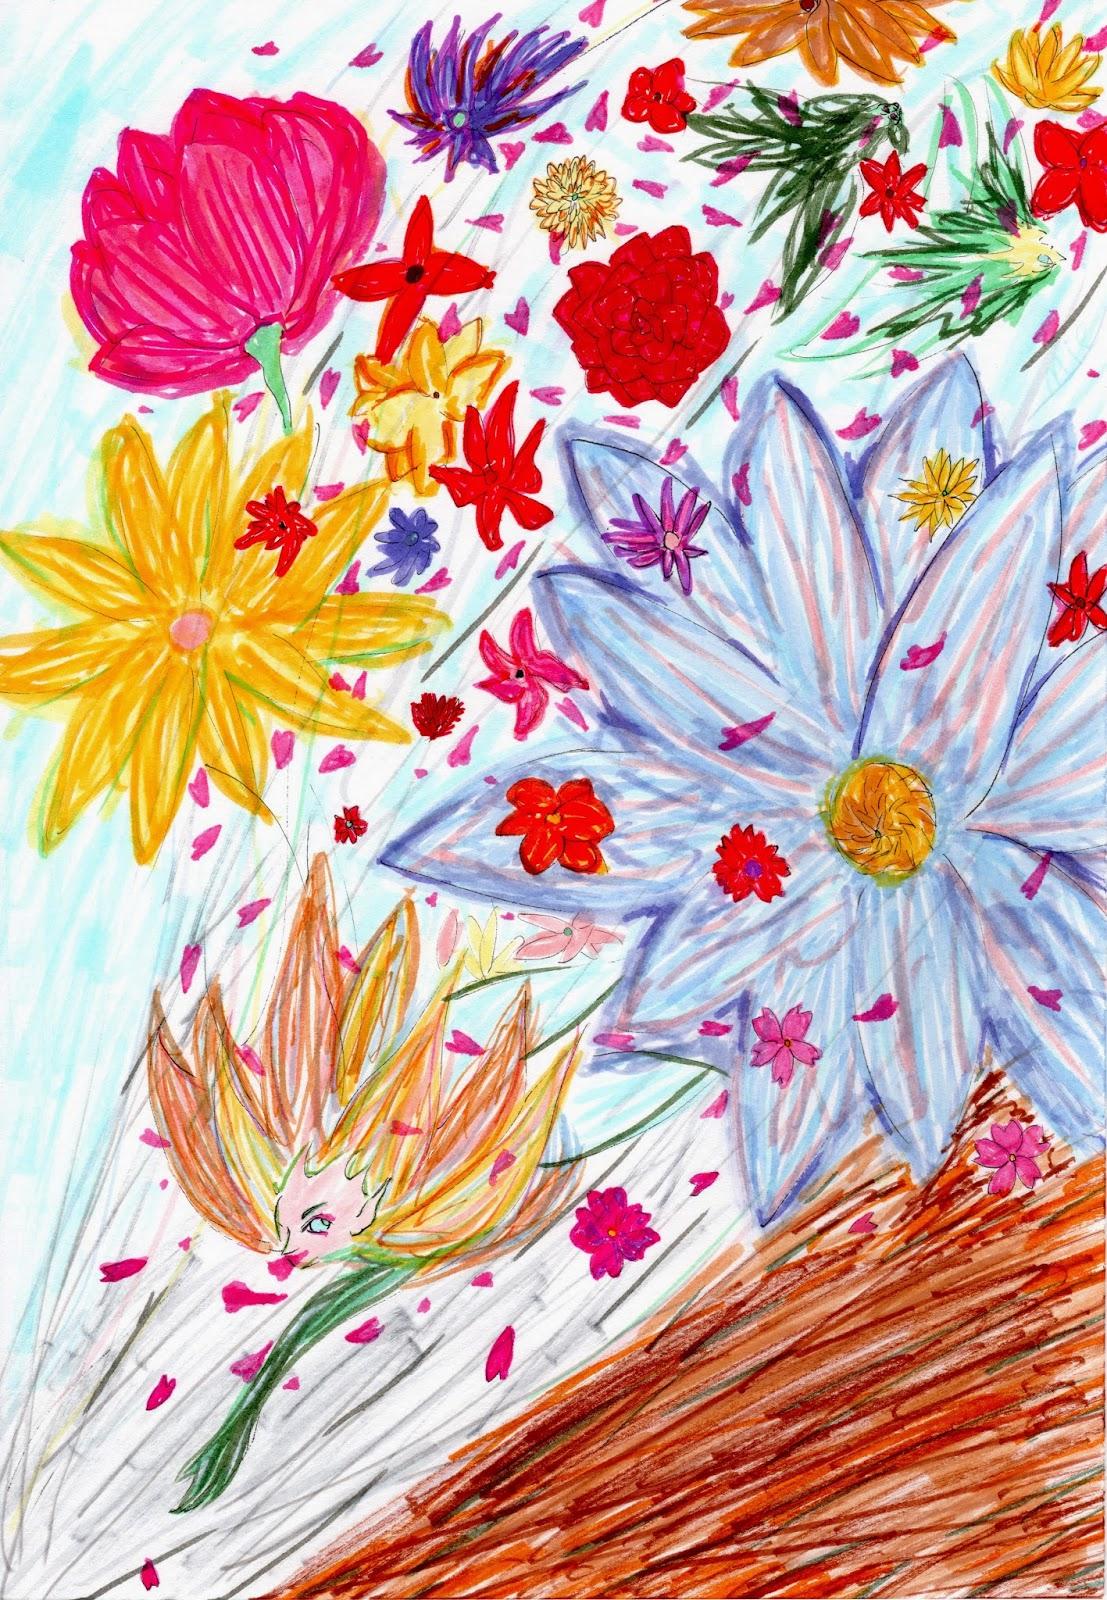 咲ク、散ル、春ハ / Blooming, and Fall, Spring